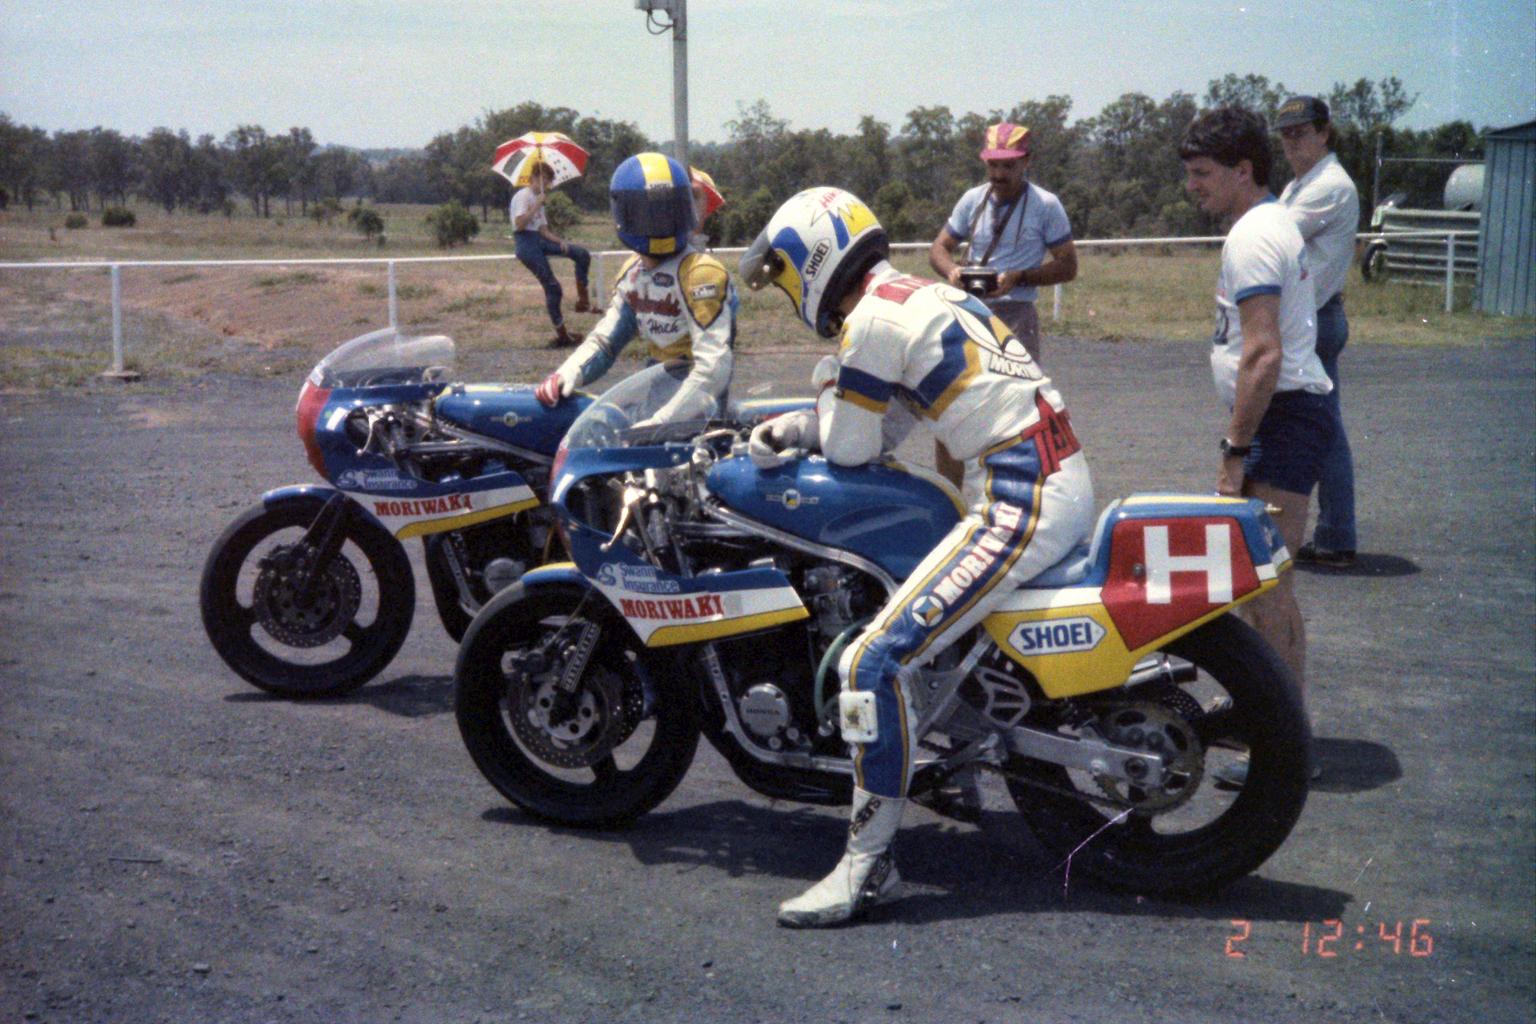 1984_Australia-12-2_第1レースコースイン直前_1